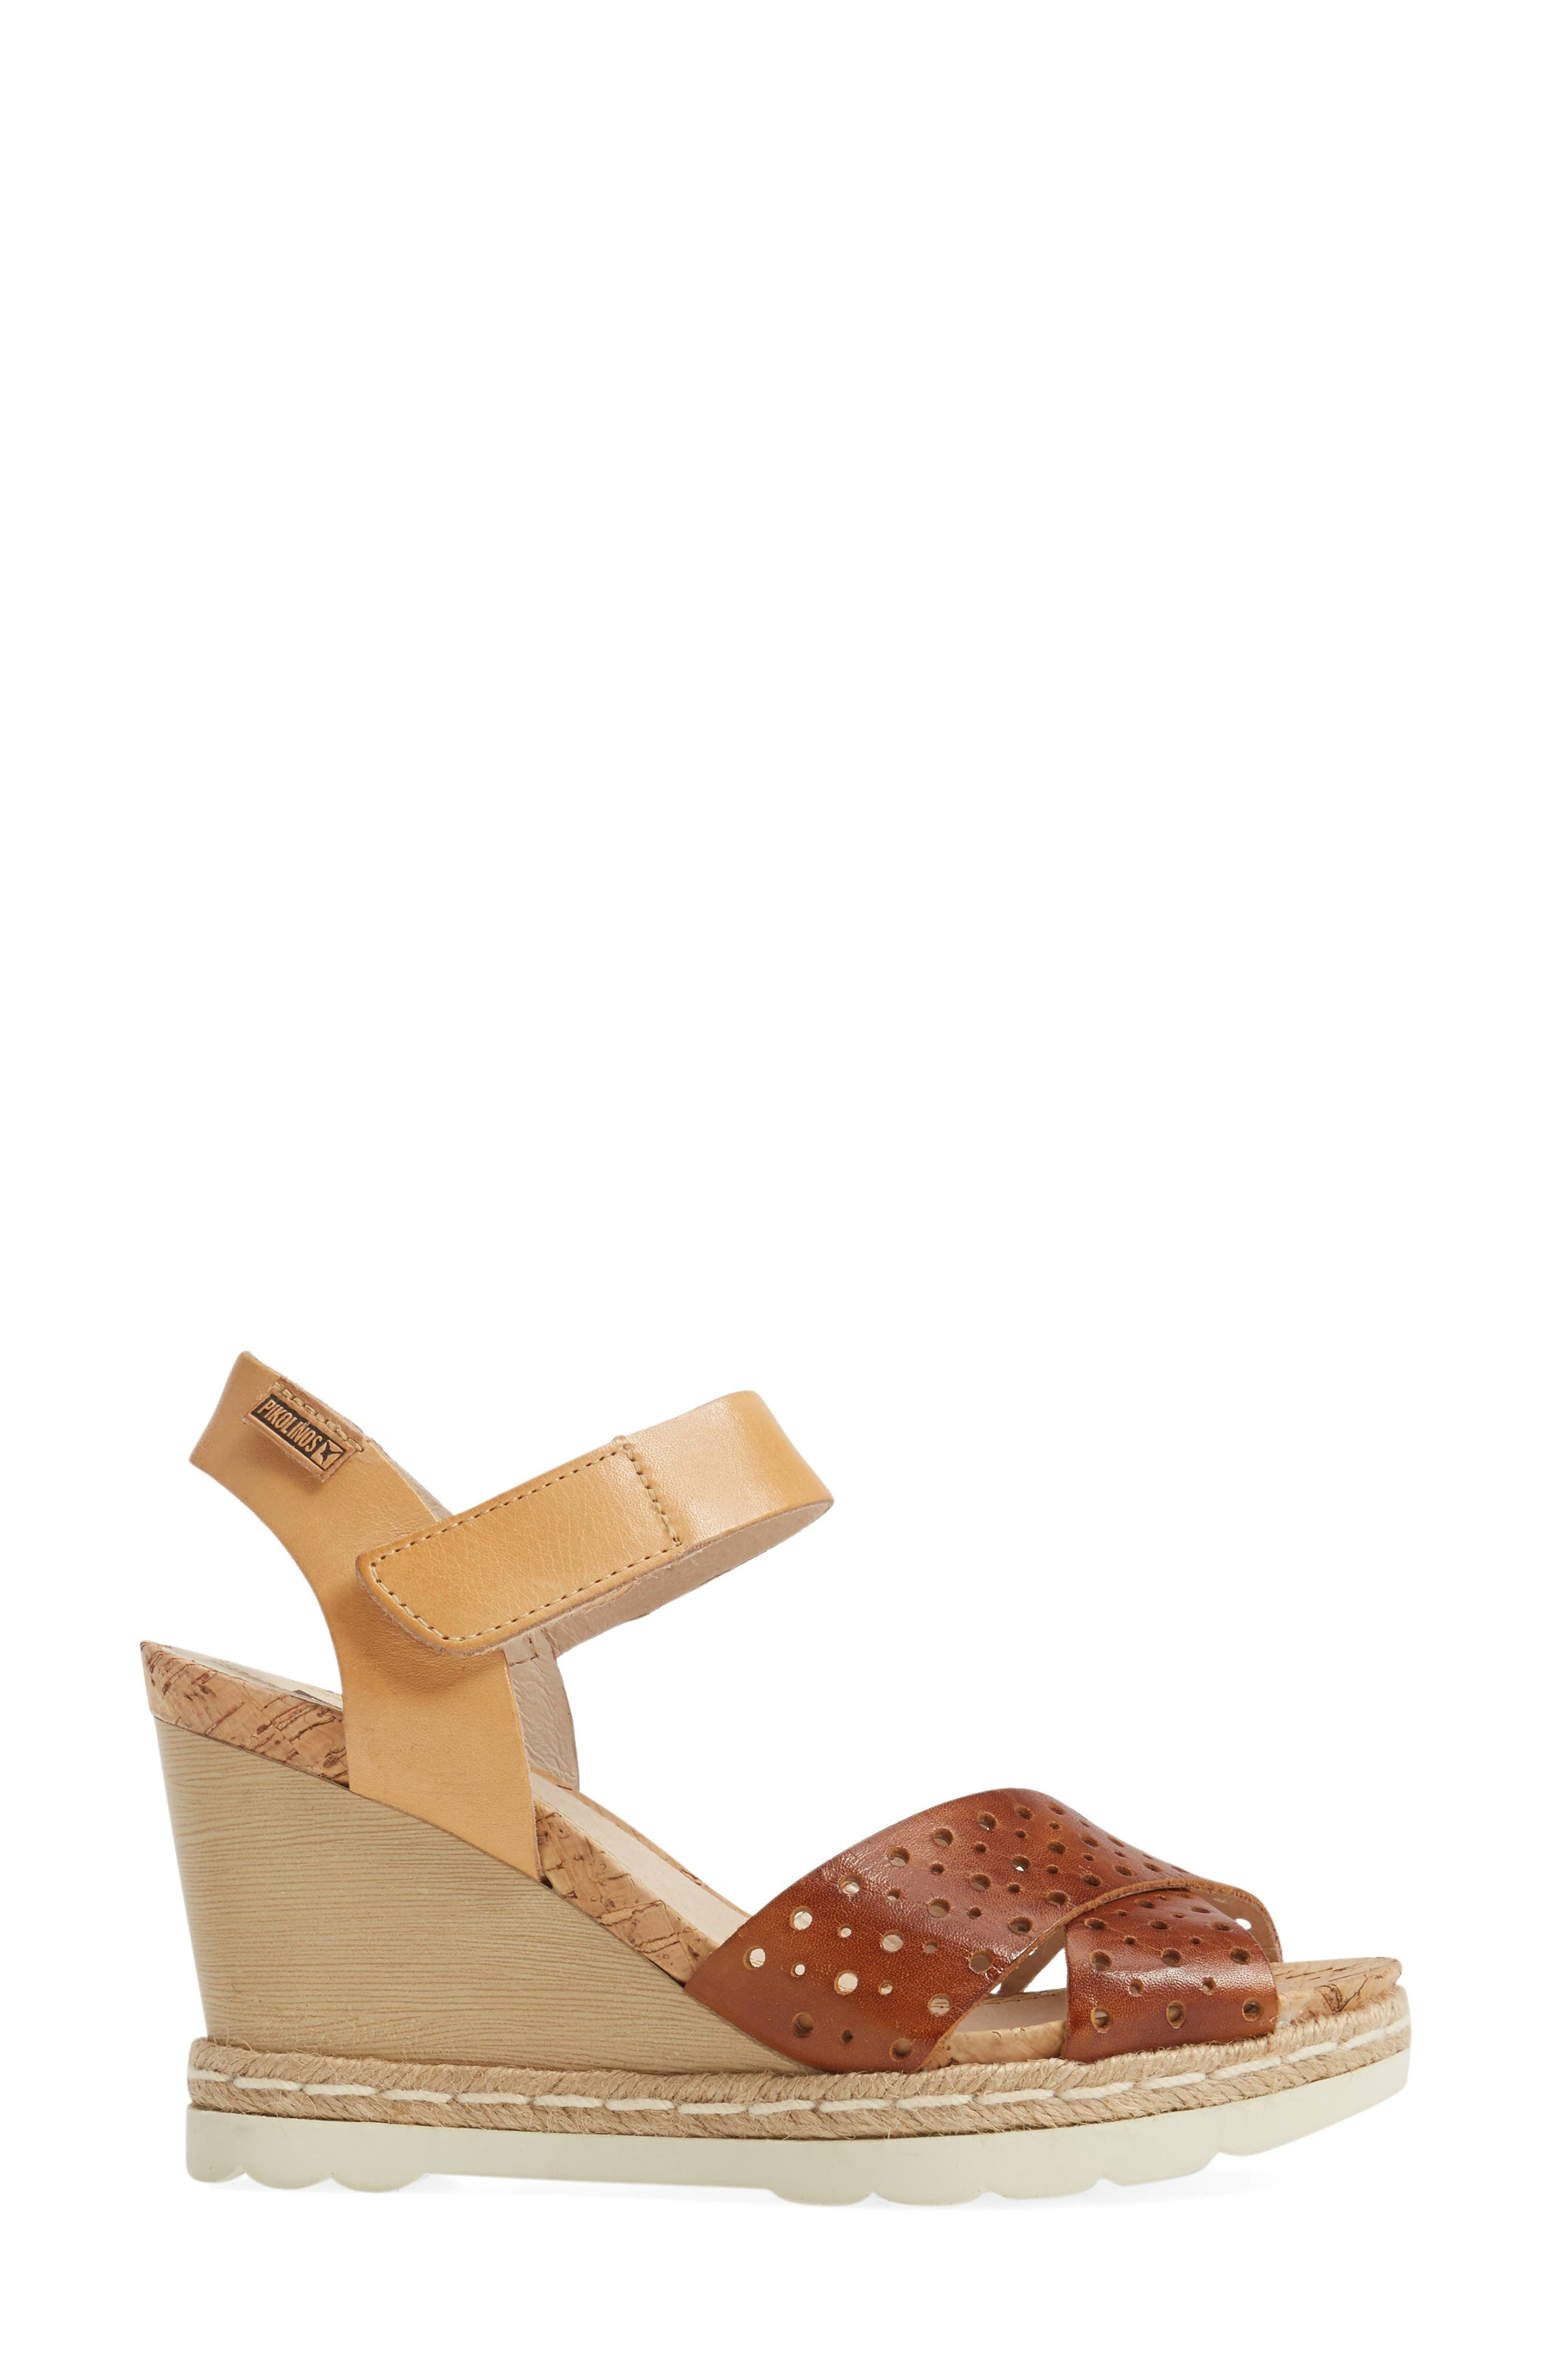 Alternate Image 3  - PIKOLINOS Bali Wedge Sandal (Women)